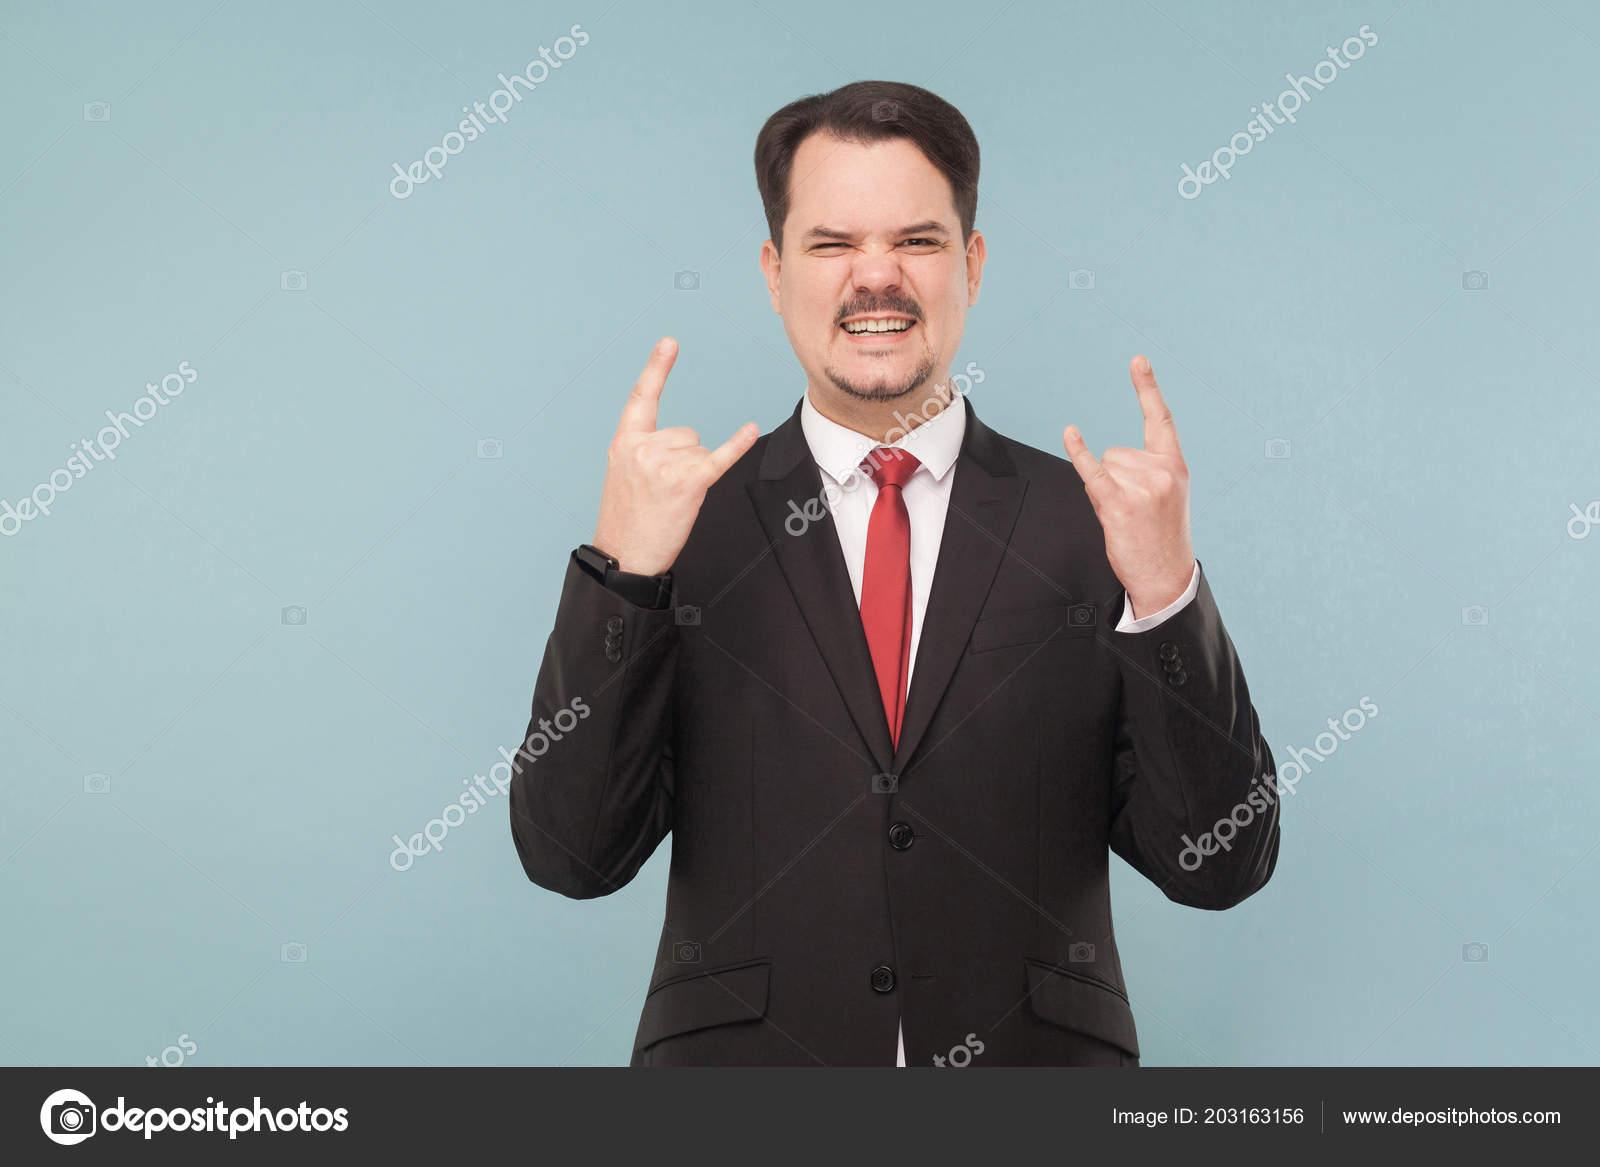 d55835492f0b Uomo d u0027affari con i baffi vestito nero e cravatta rossa mostrando rock  and roll segno sulla luce di sfondo blu canta  u2014 Foto di khosrork ...